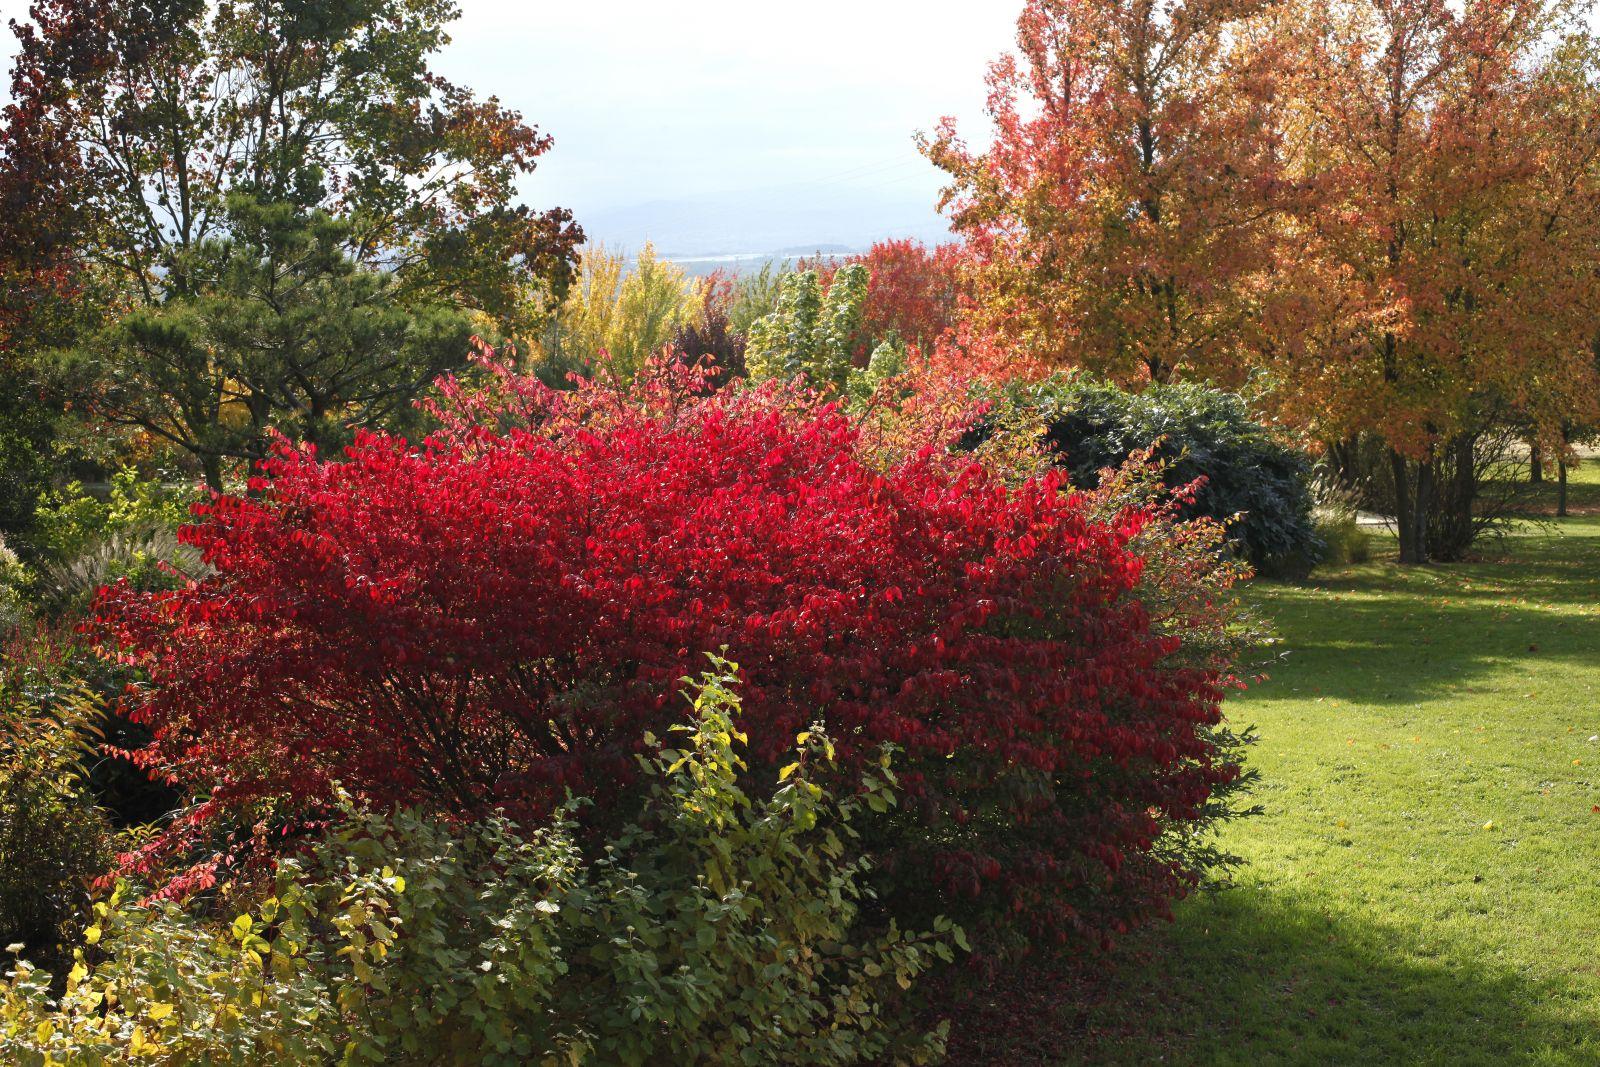 Choisir Et Planter Les Arbres Aux Plus Belles Couleurs D'automne concernant Arbustes Decoration Jardin